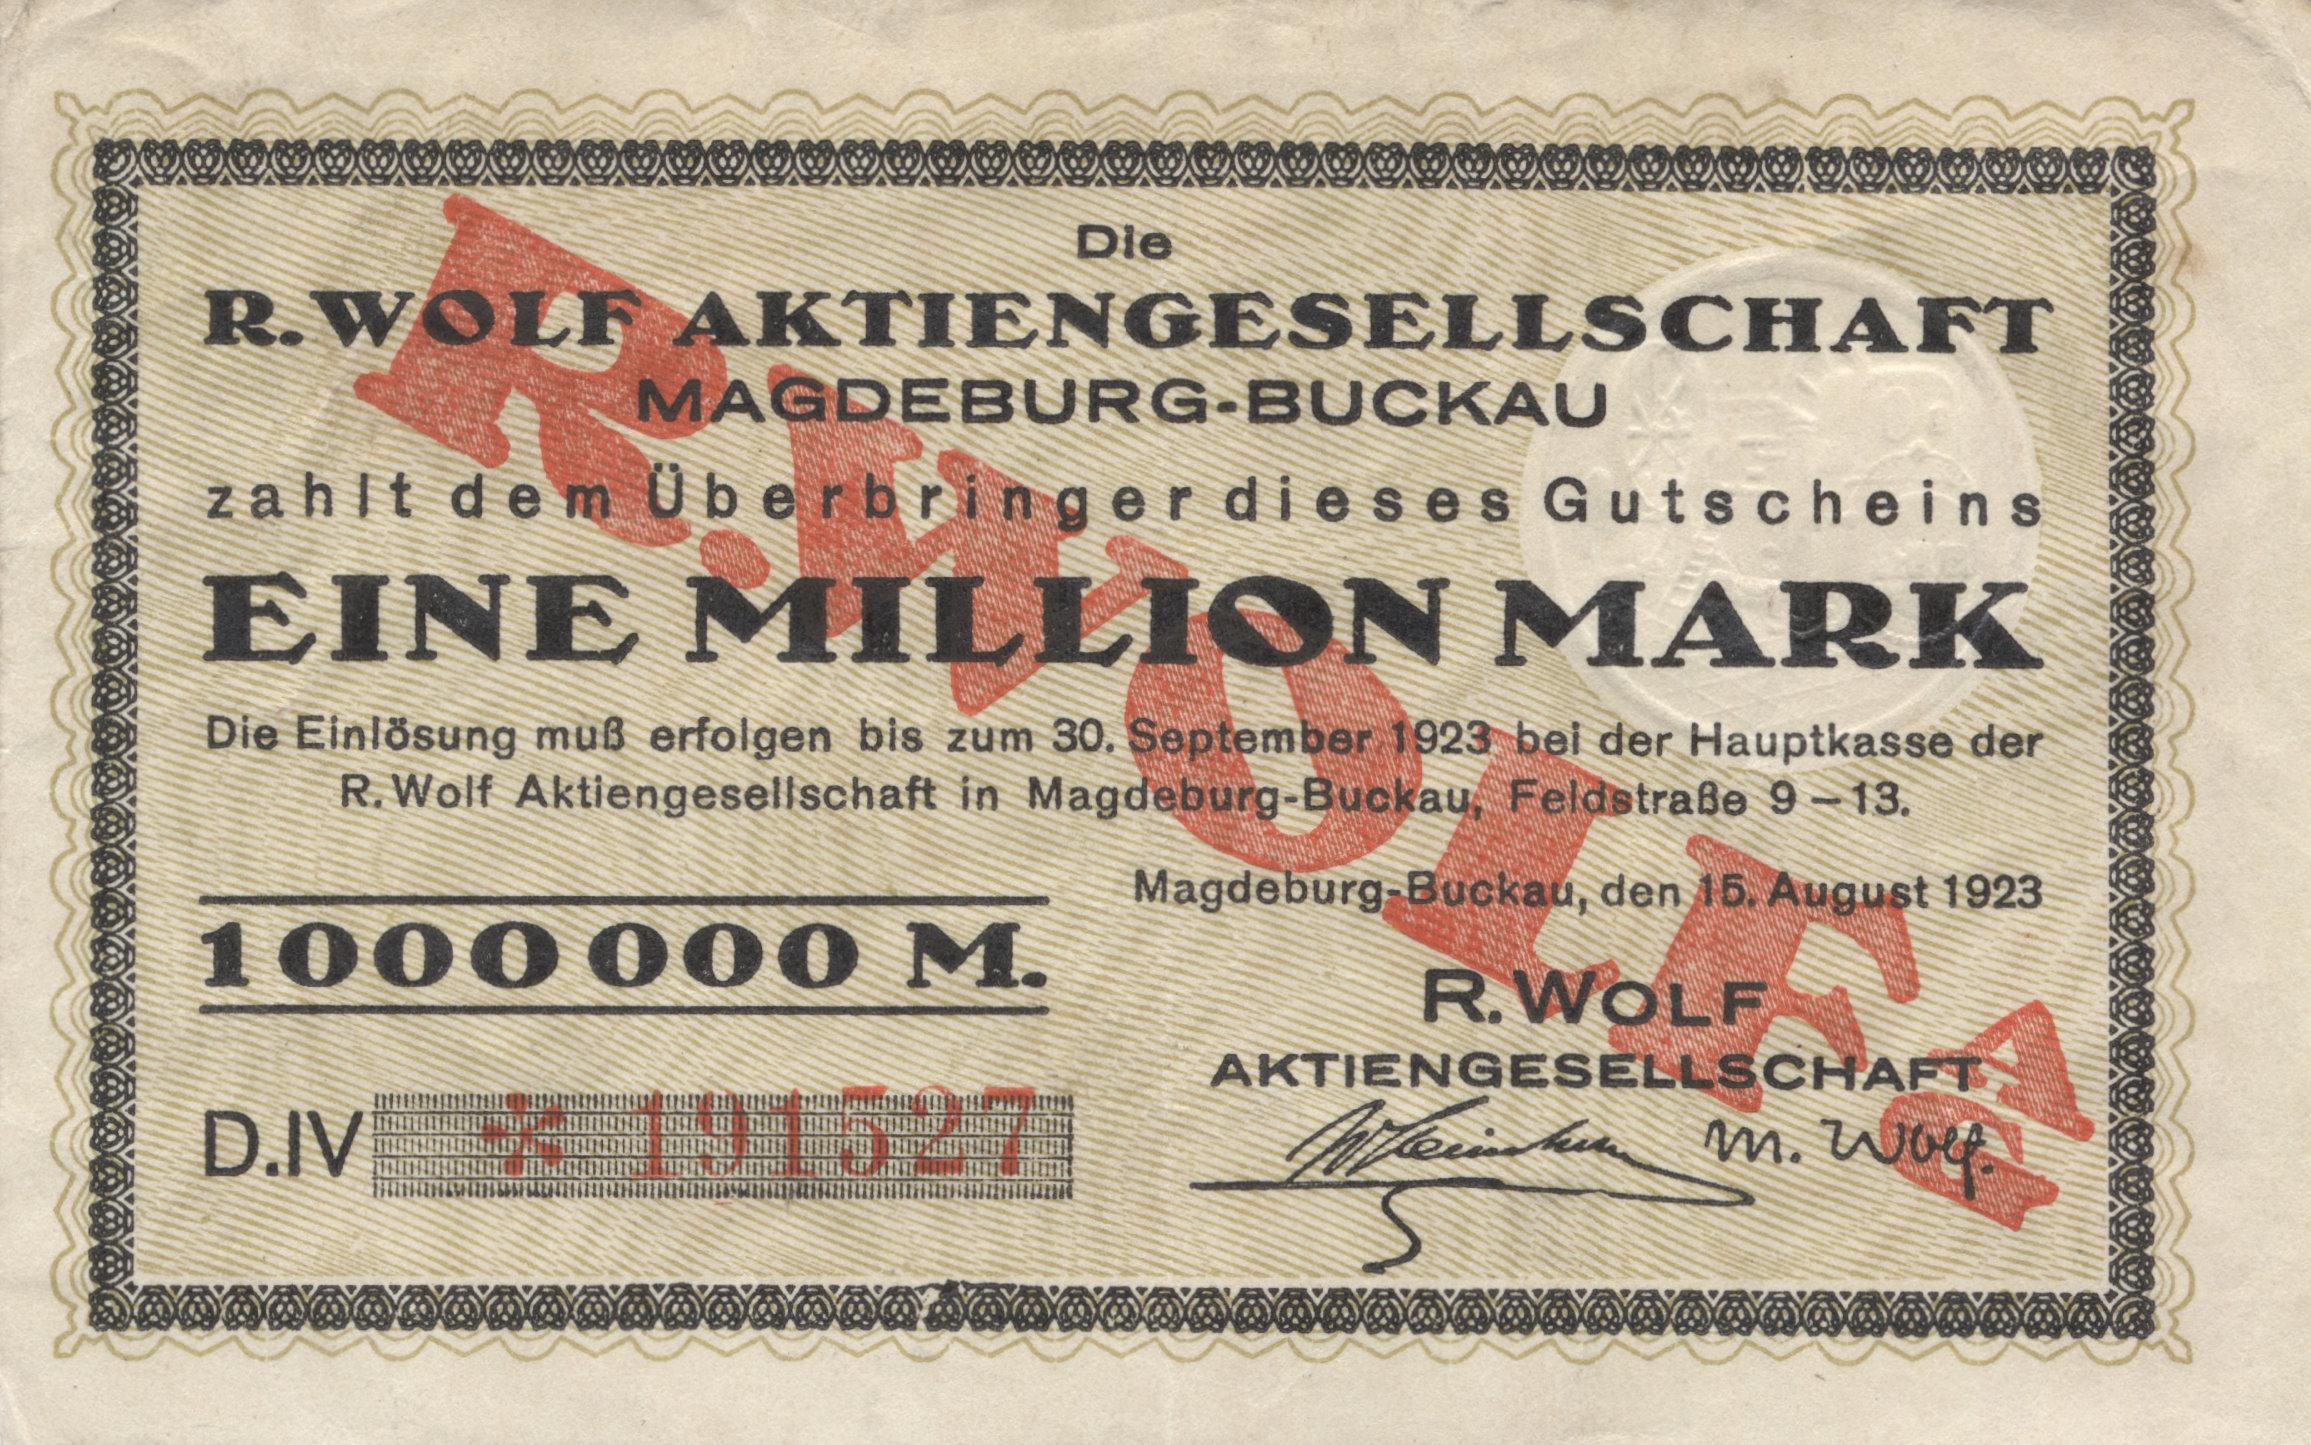 Gutschein über 1 Million Mark 1923 - Quelle: Wikimedia